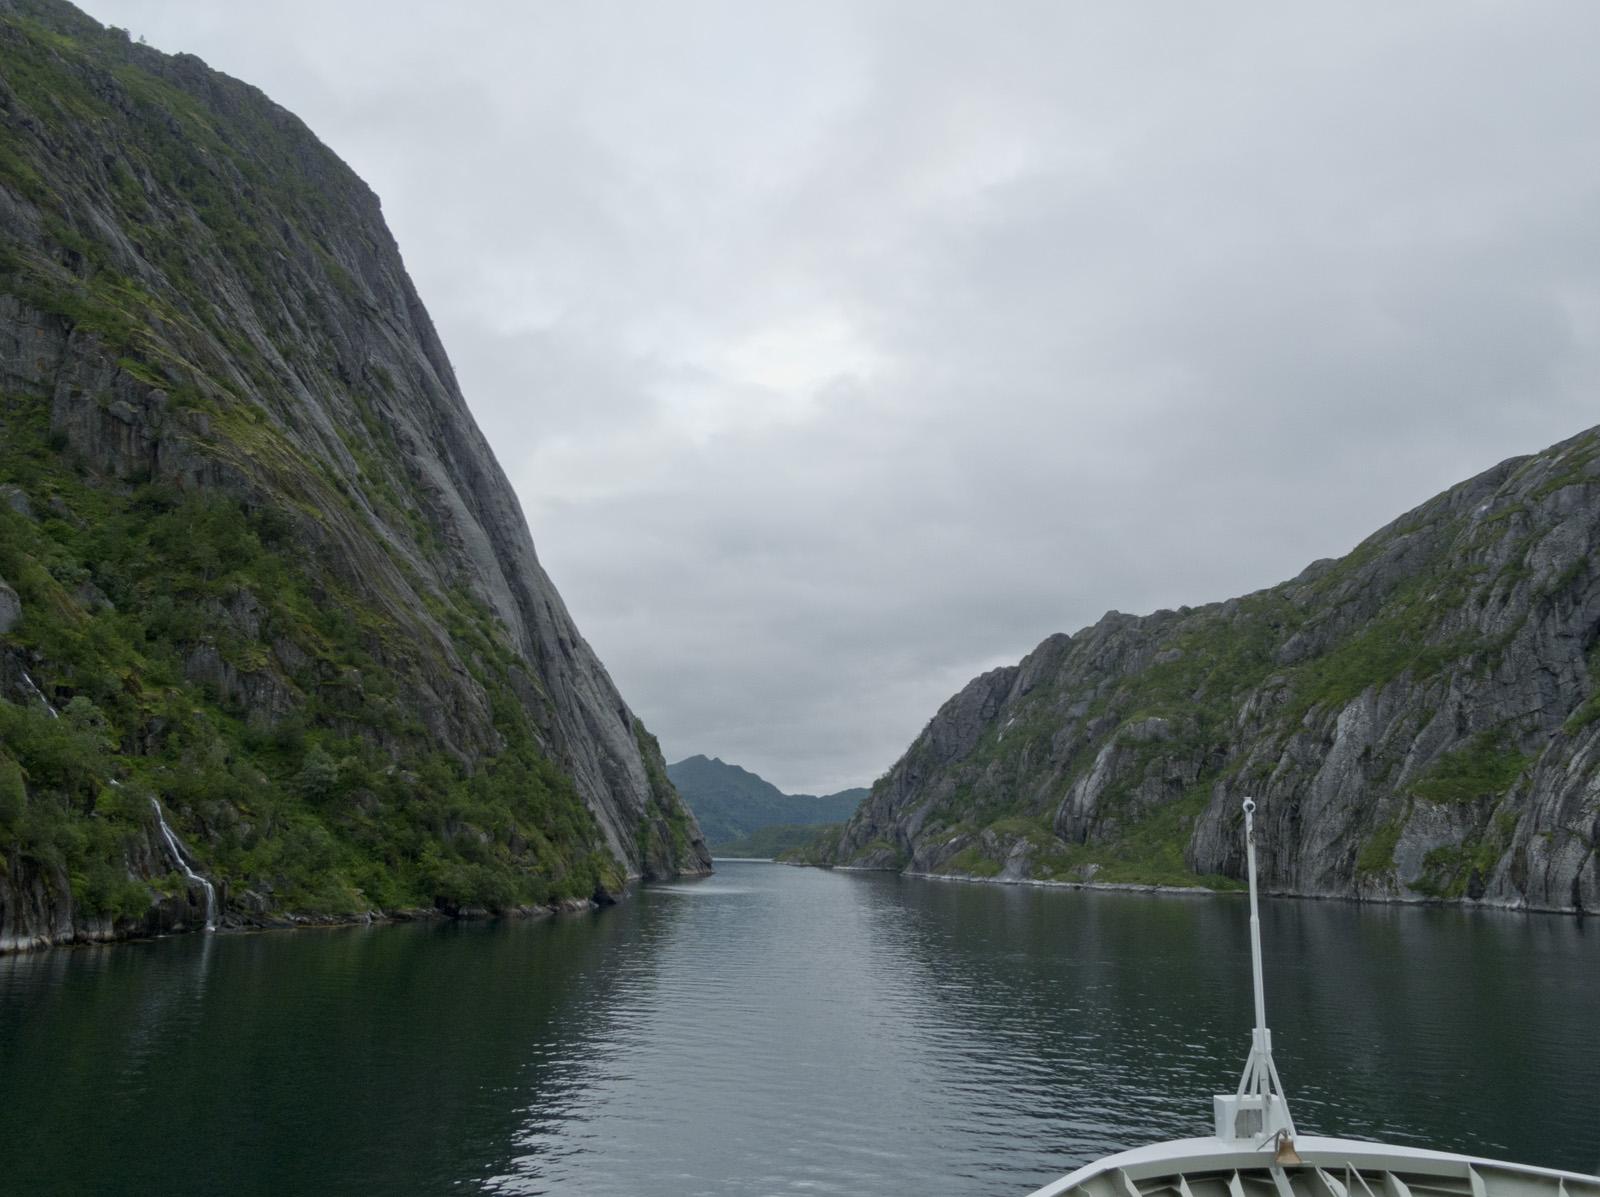 Trollfjord, Namenspatron unseres Schiffes